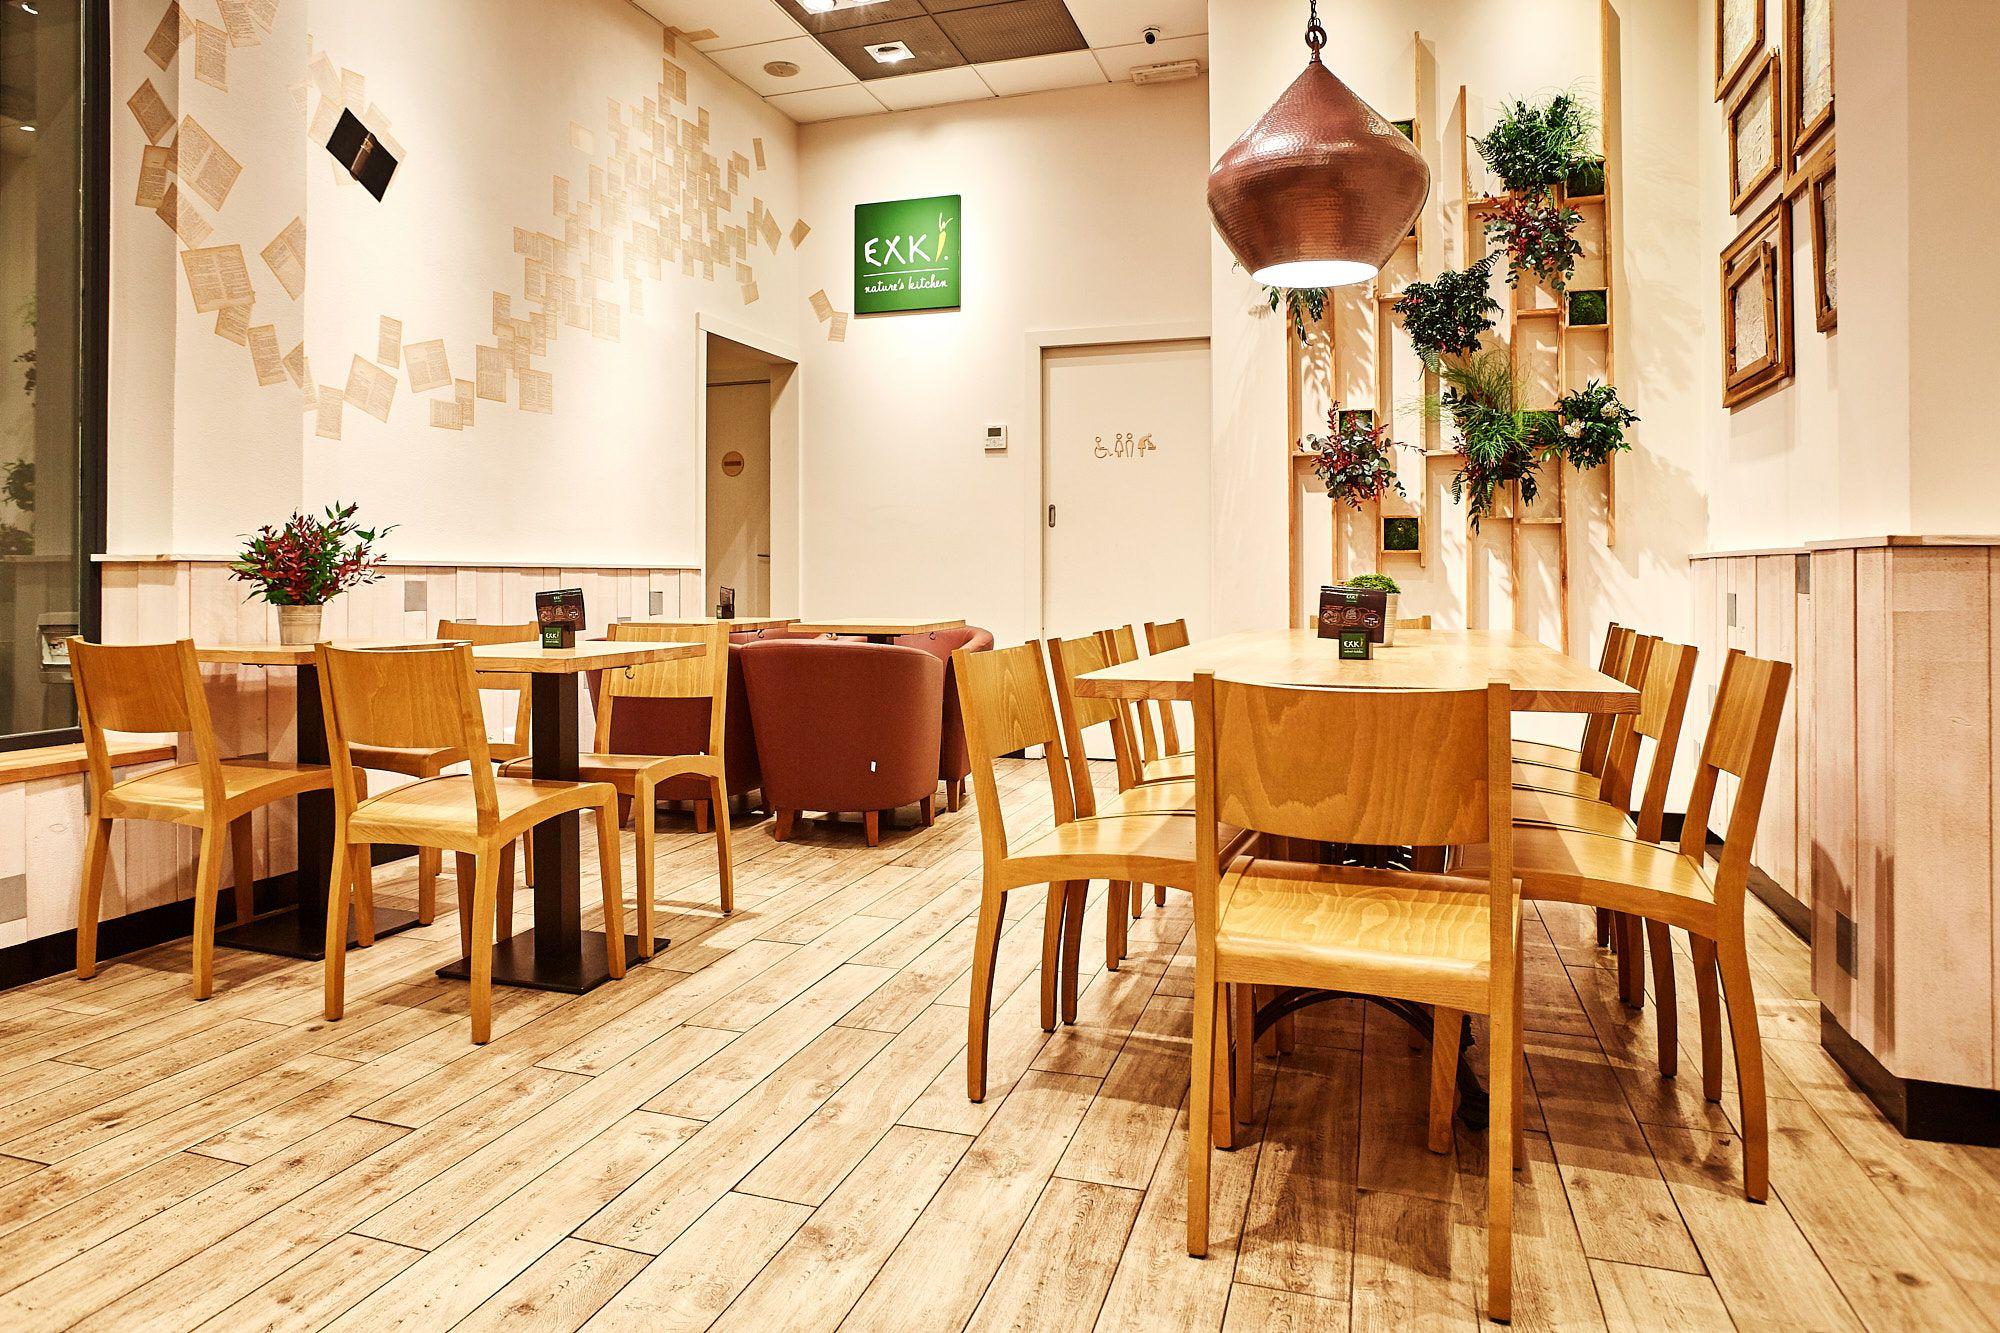 exki ristorante bio design architettura